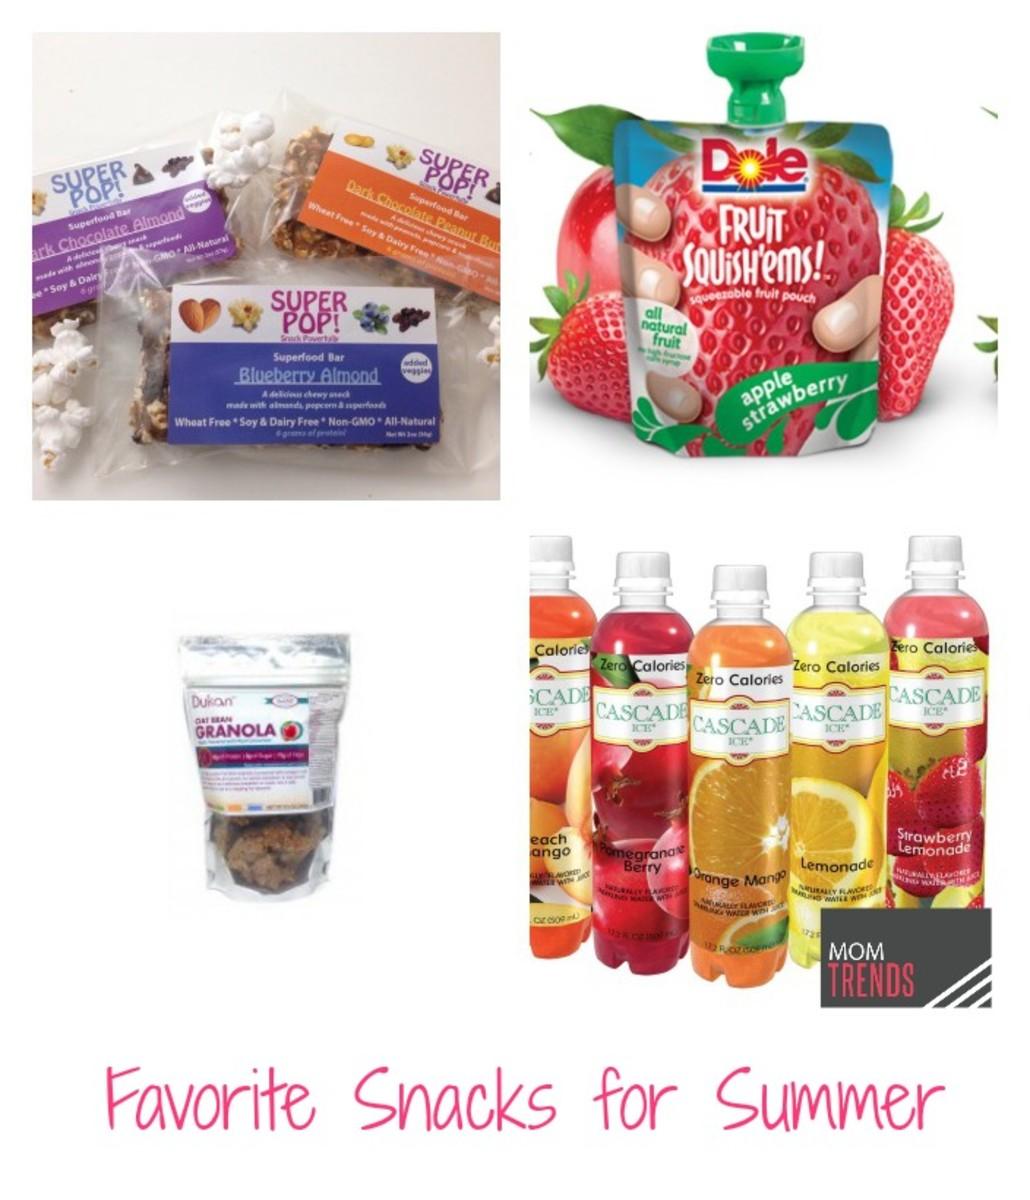 Favorite Snacks for Summer.jpg.jpg